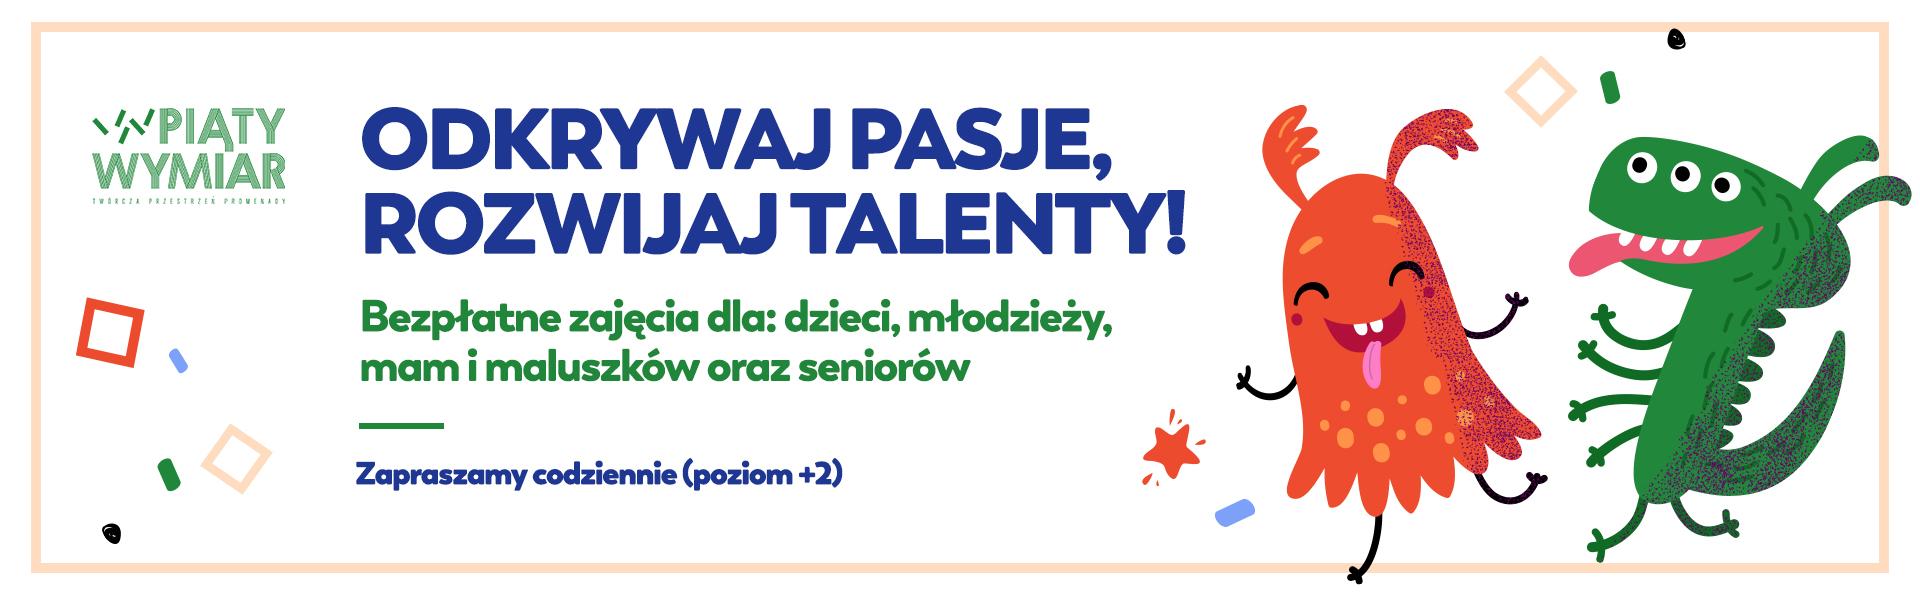 Bezpłatne zajęcia dla dzieci, młodzieży, mam i maluszków oraz seniorów